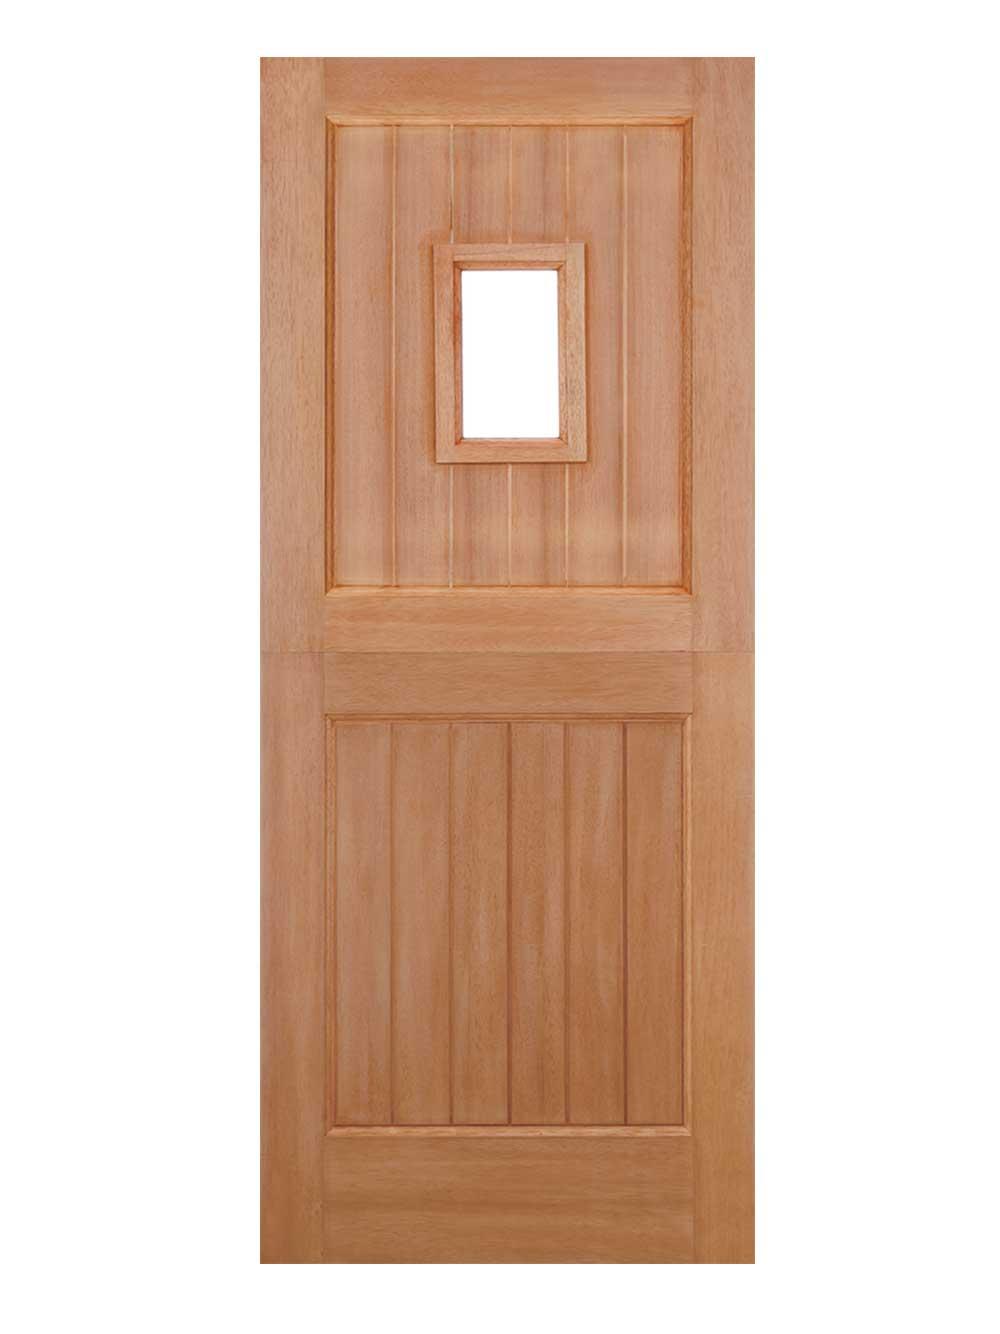 Straight Top External Hardwood Stable 1 Light Door Unglazed